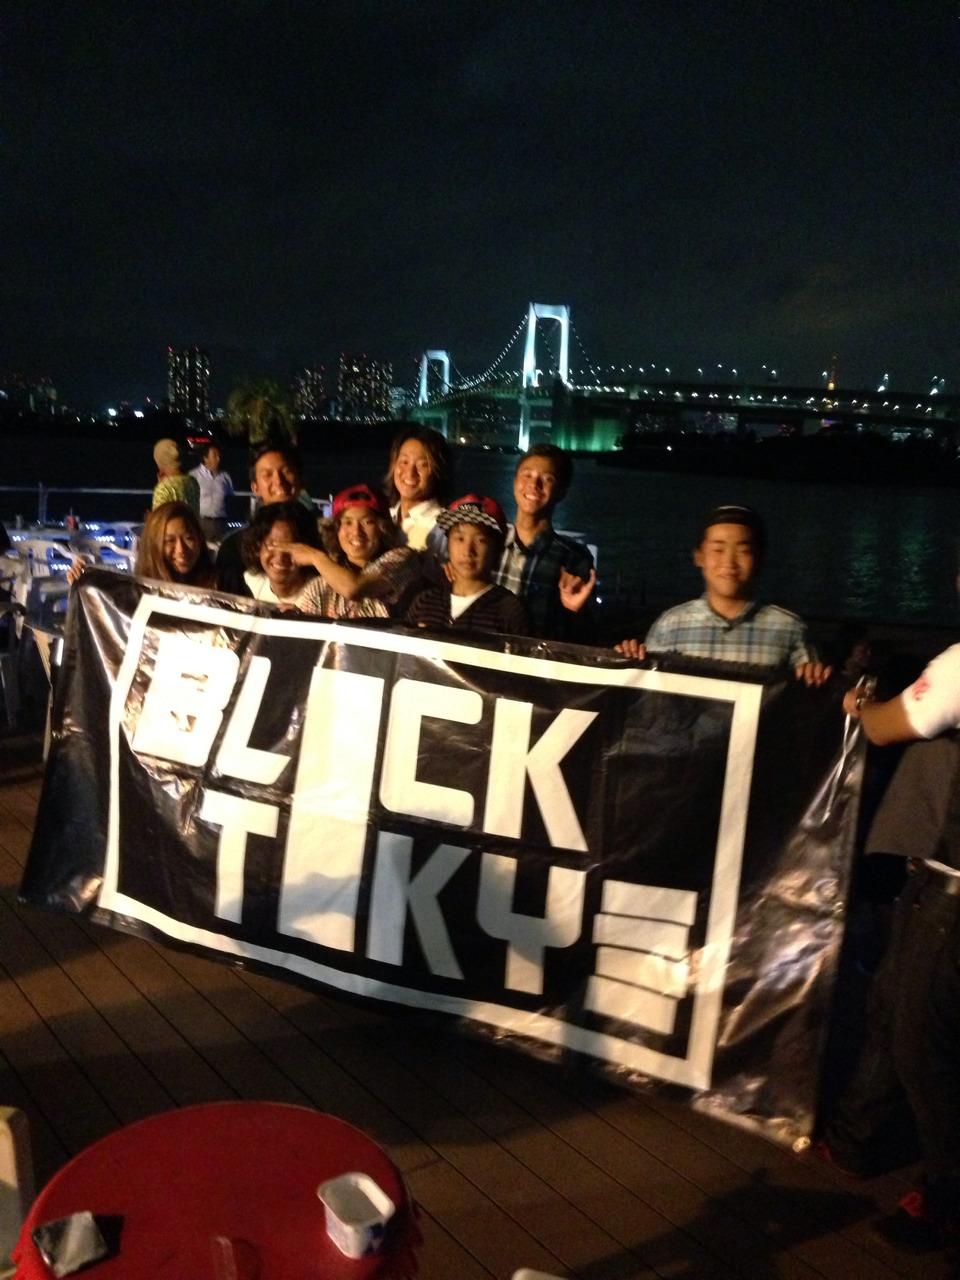 2014 Memorial Photo BLOCK TOKYO